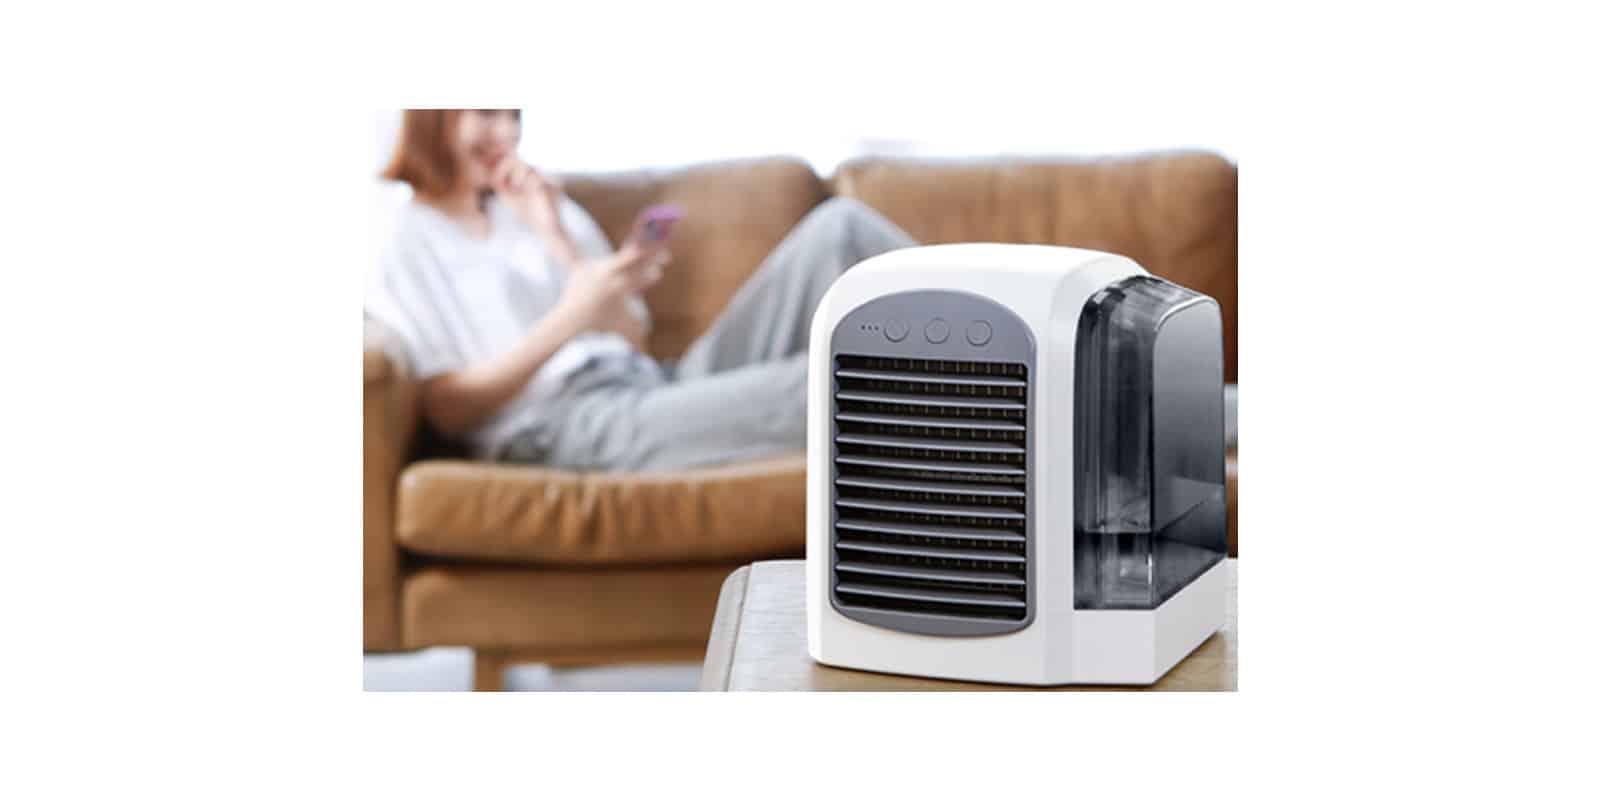 Breeze Maxx air conditioner